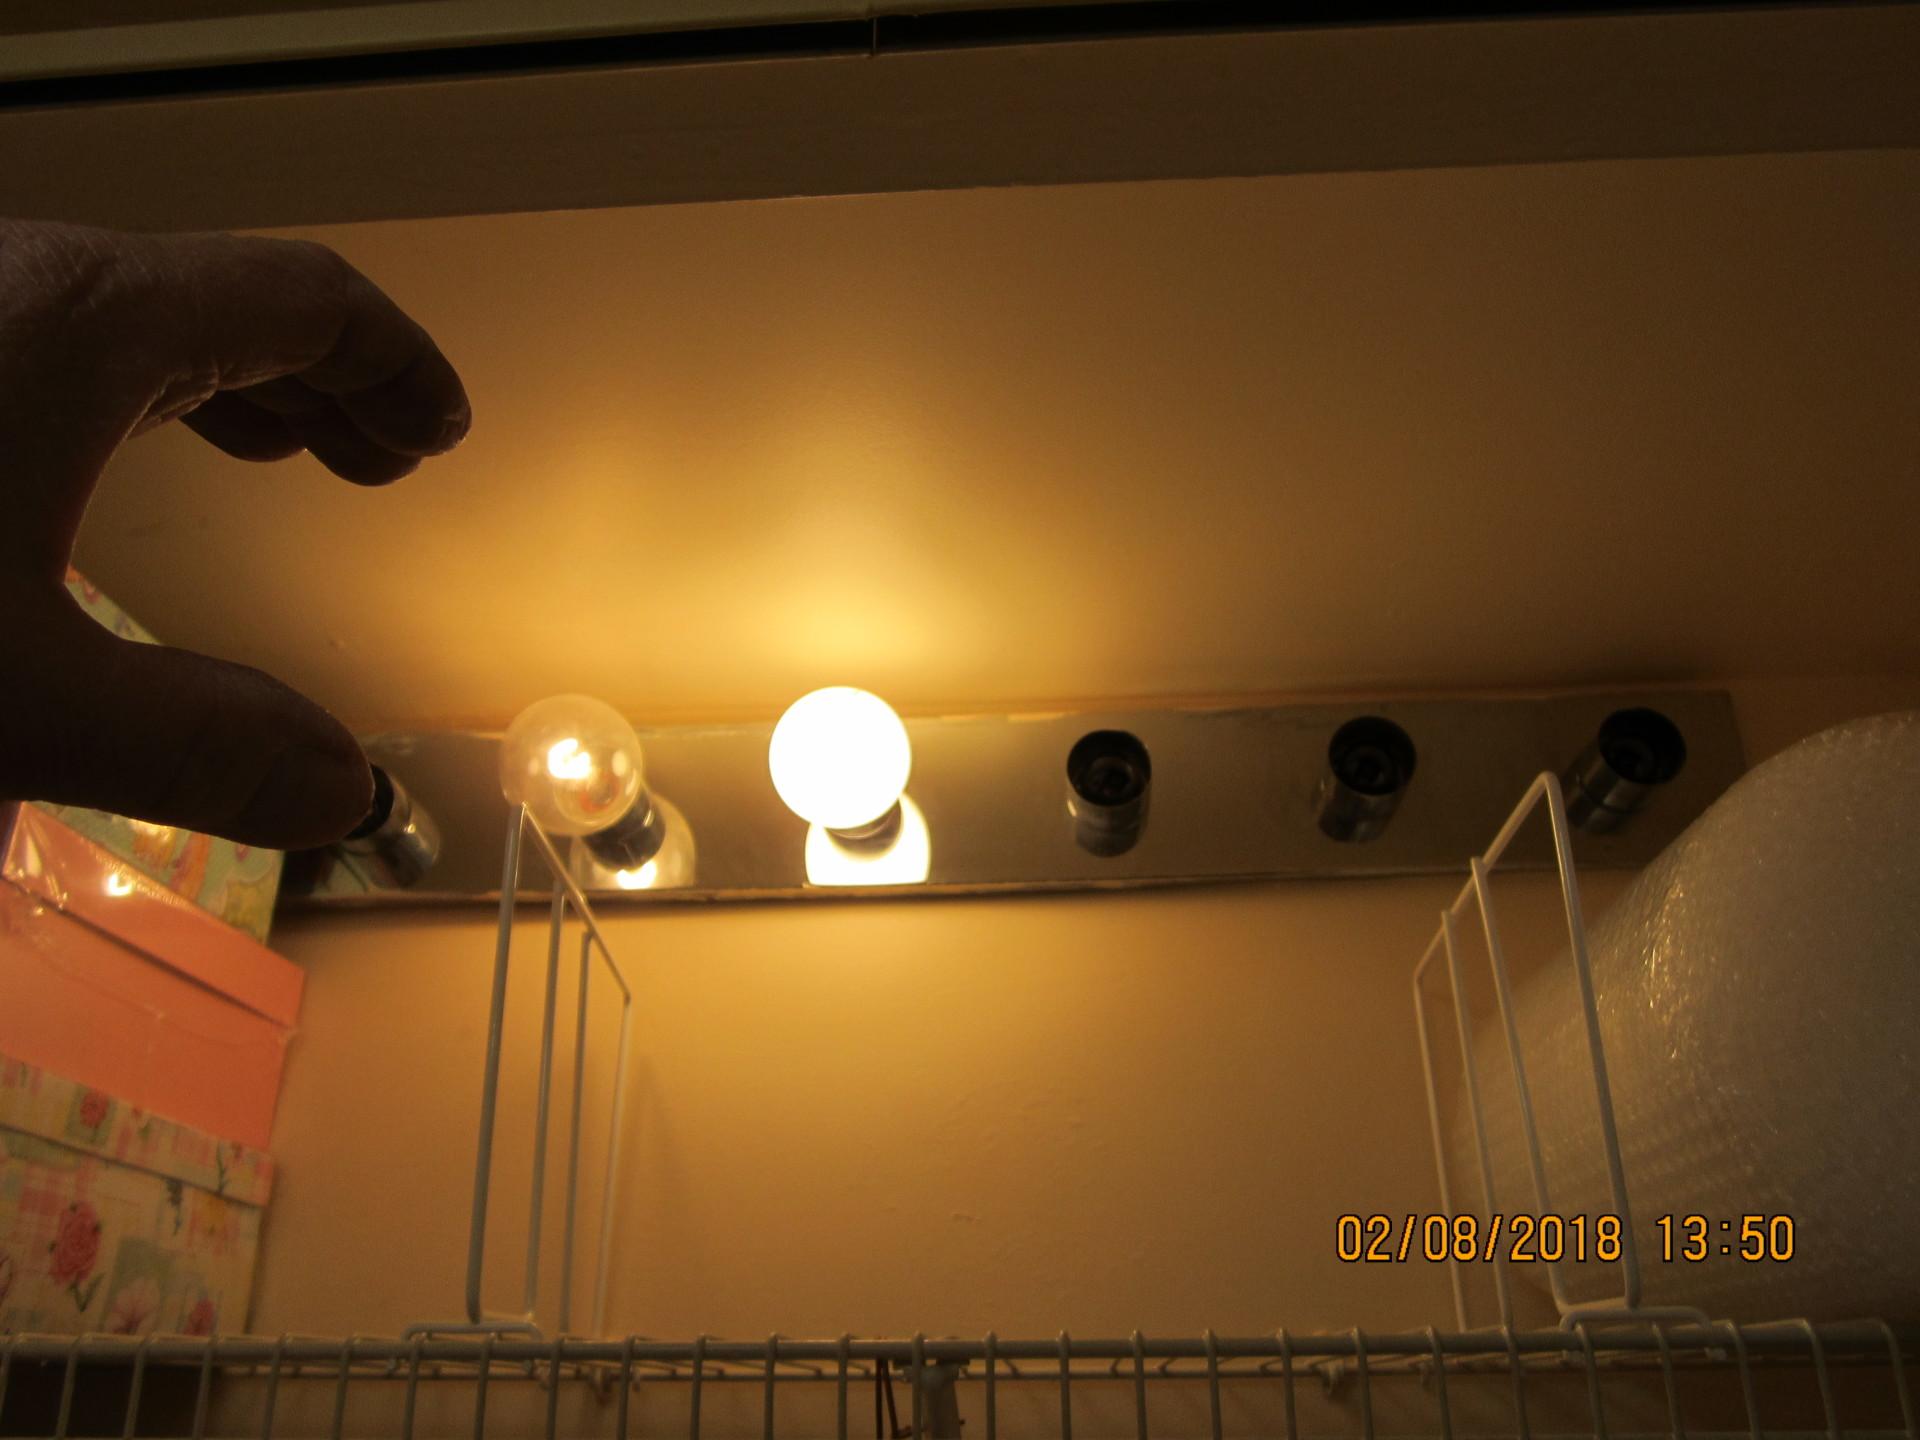 Bedroom closet lights unprotected